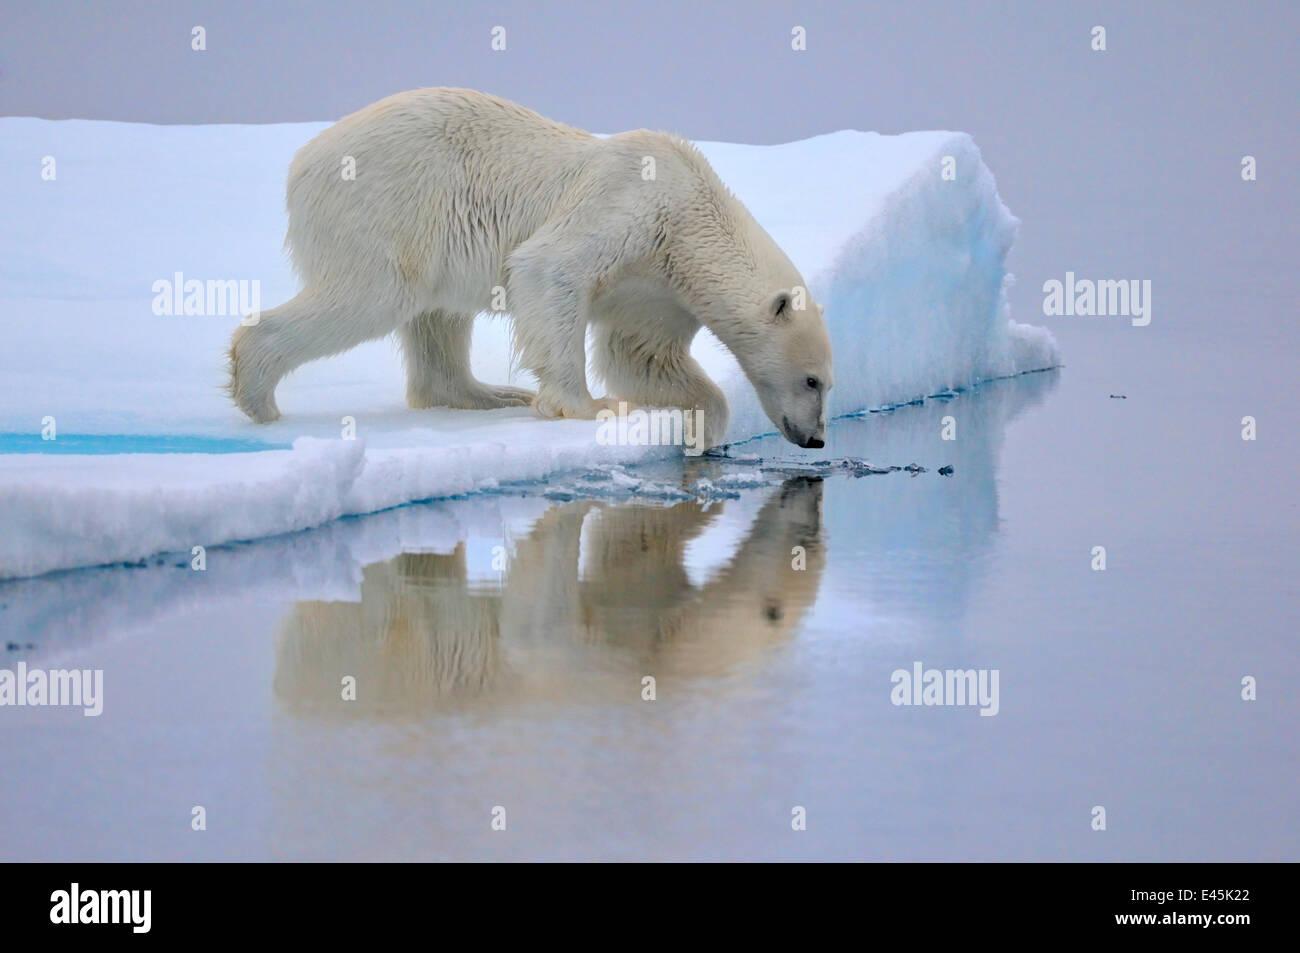 Orso polare (Ursus maritimus) circa per entrare in acqua, Svalbard, Norvegia, settembre 2009 Immagini Stock